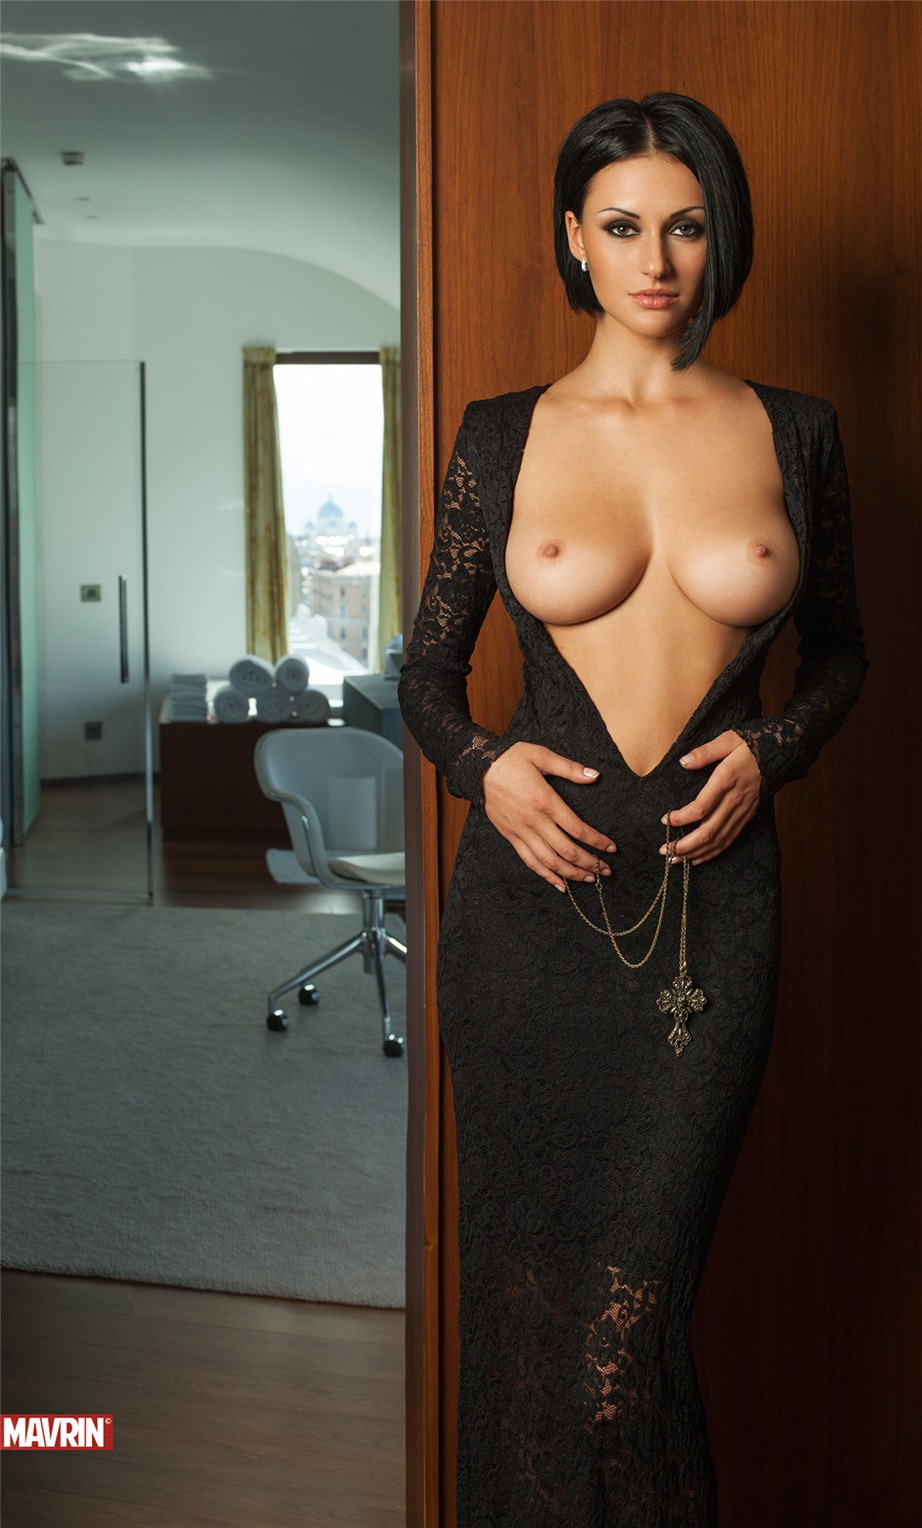 Эрофото в прозрачных платьях на голое тело 26 фотография